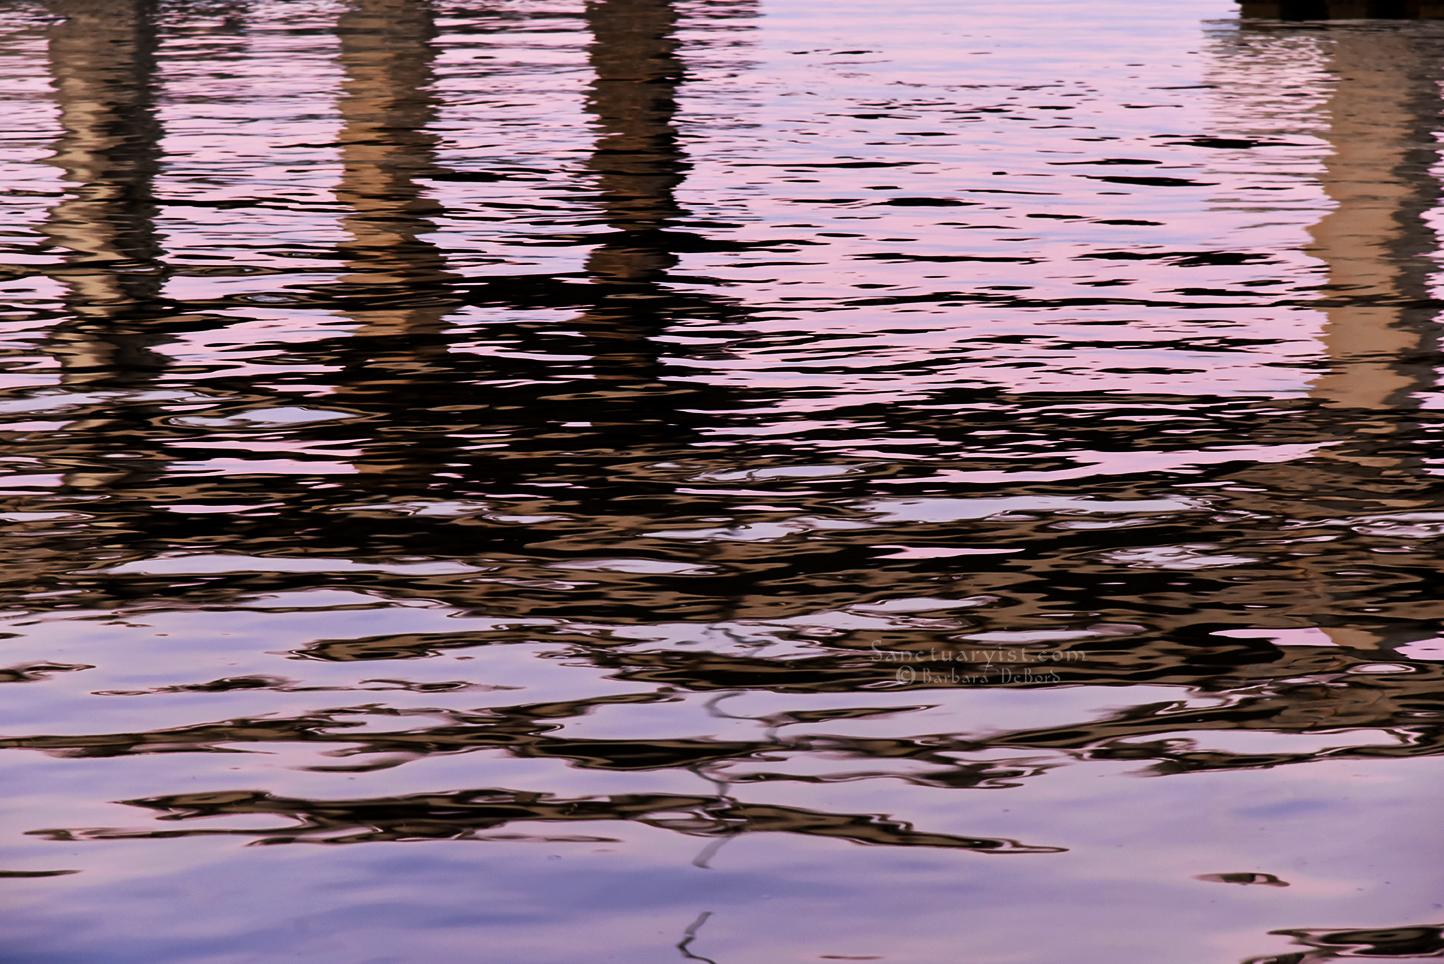 Lilac Tide No 3